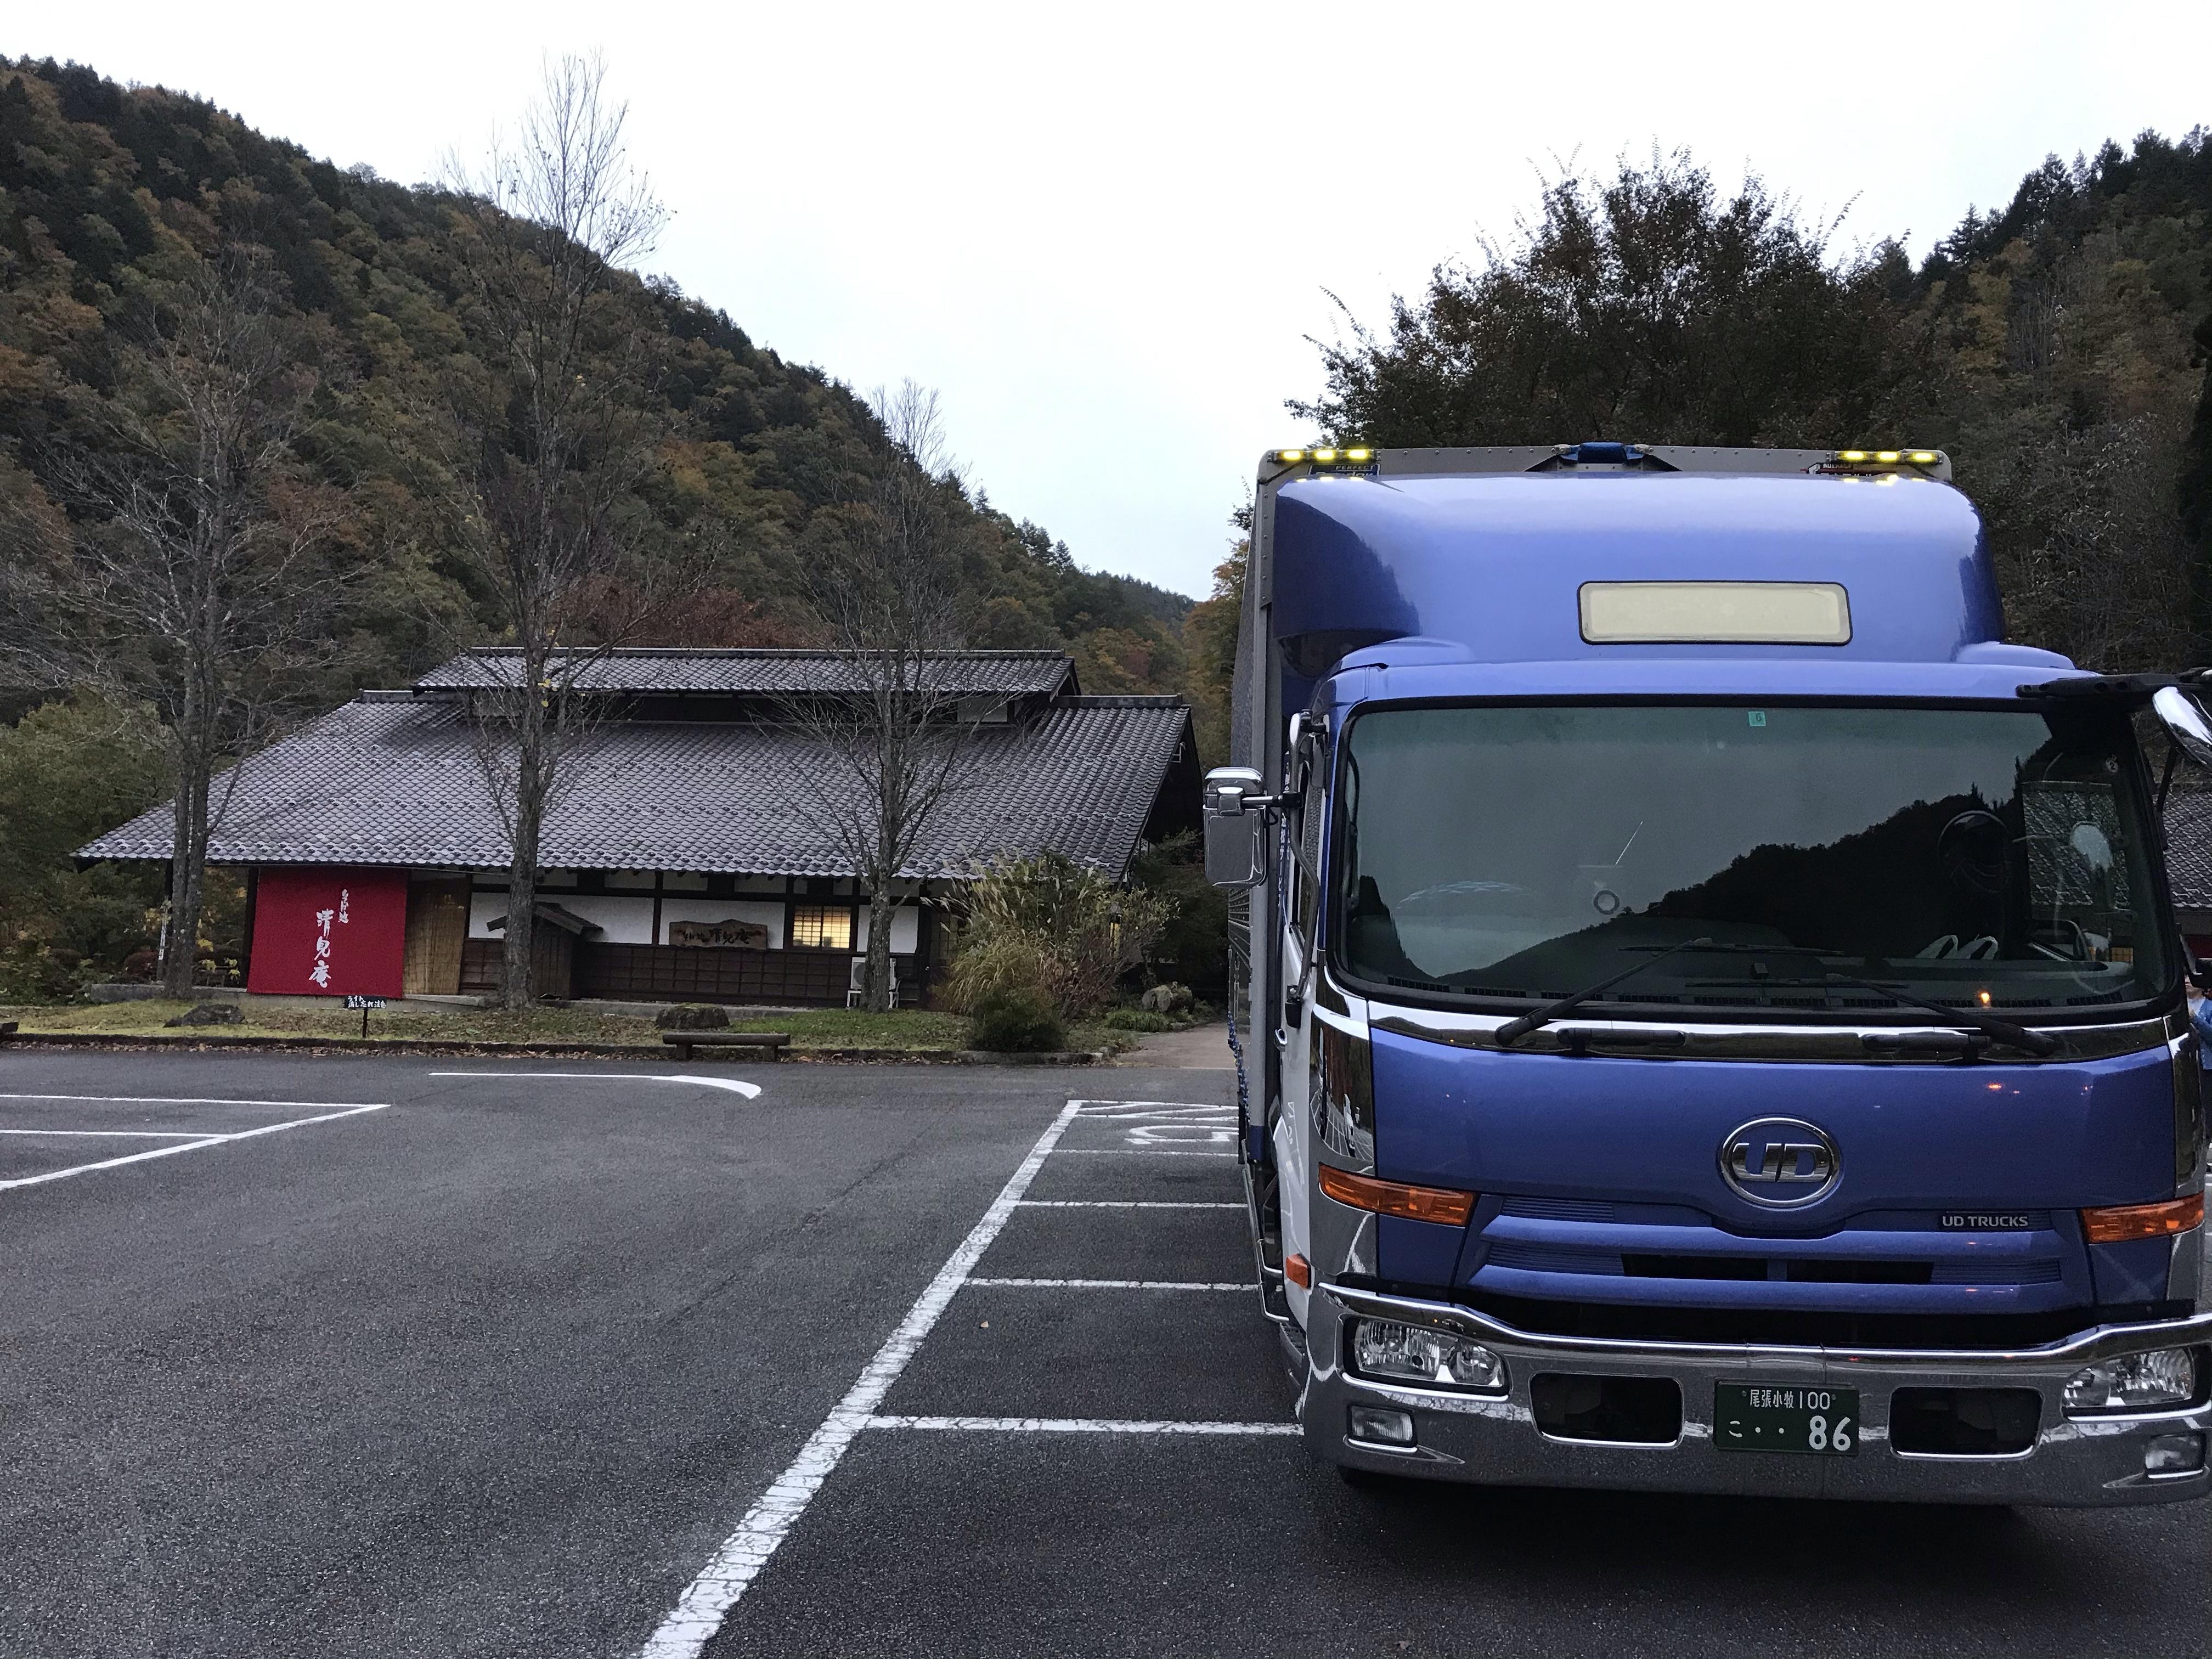 #近松サービス 旅行カバン配送あるある2